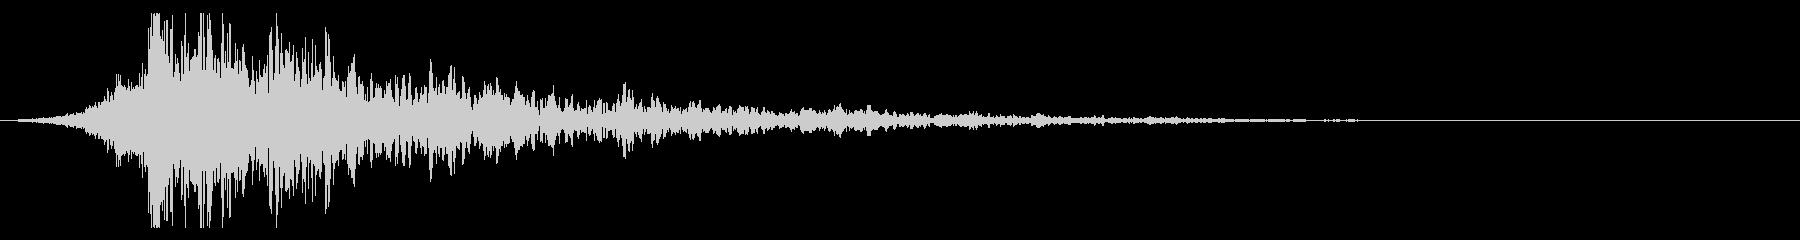 シュードーン-61-2(インパクト音)の未再生の波形